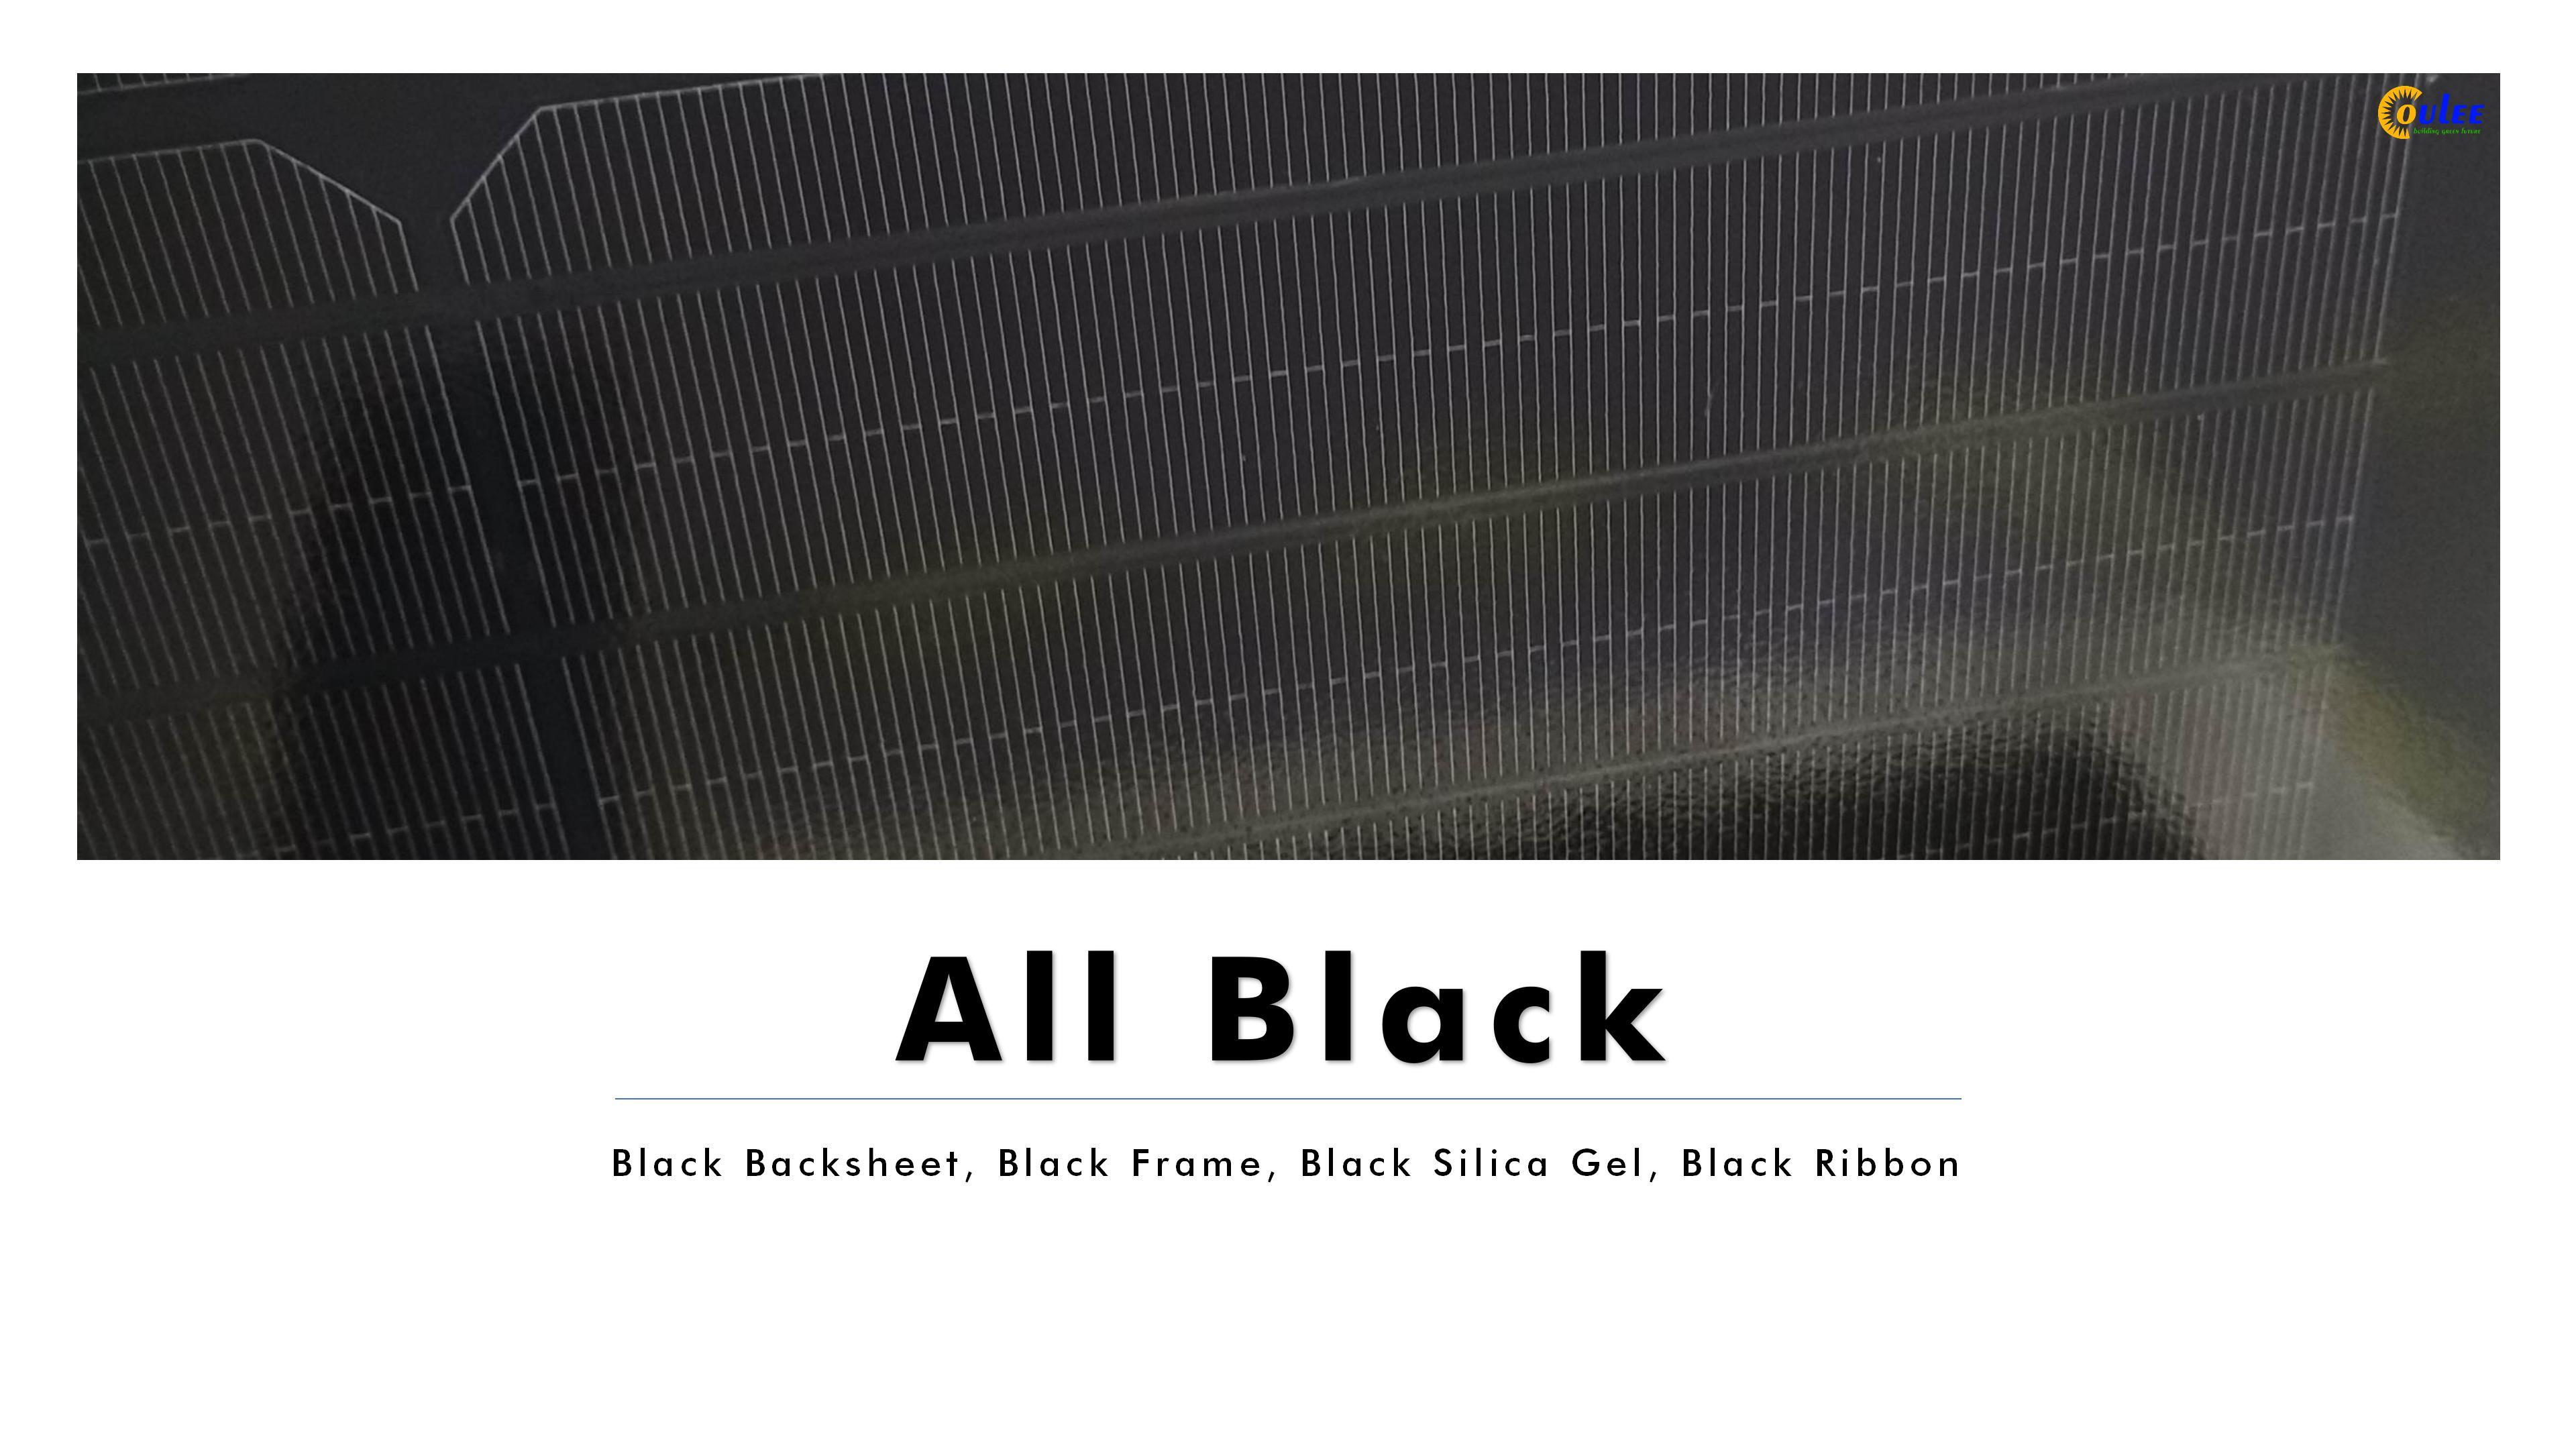 320W Full Black Solar Panel, 300Wp All Black Solar Panel